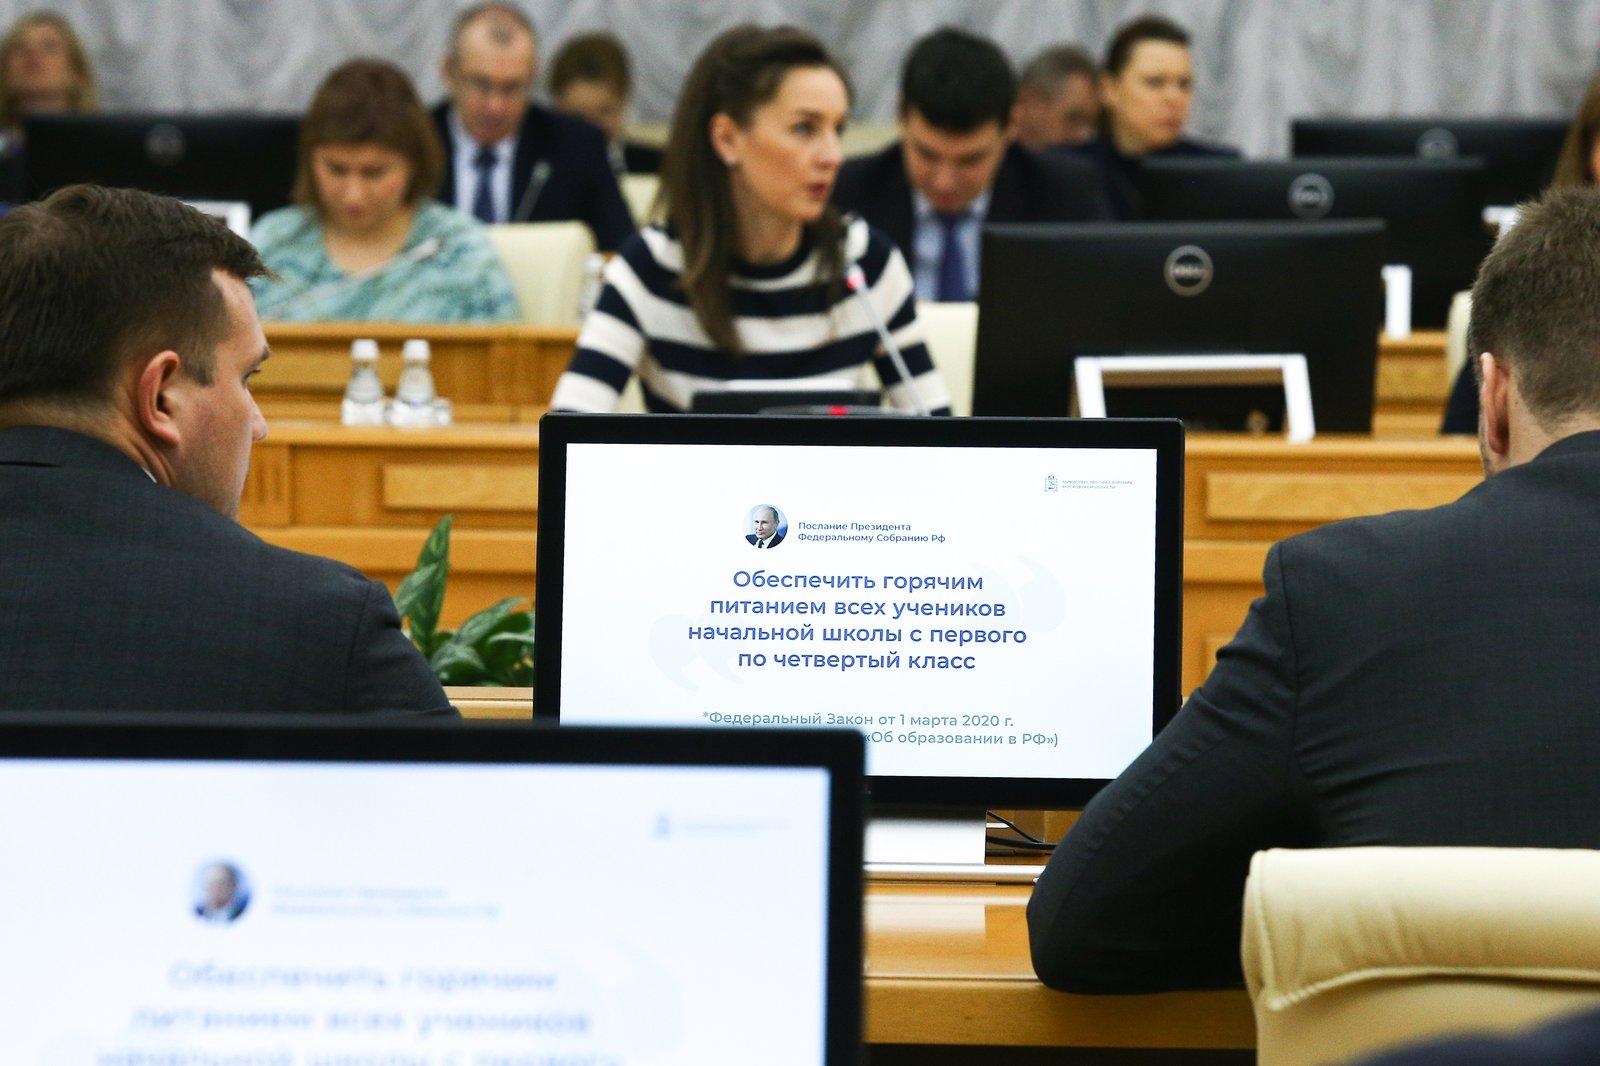 Андрей Воробьев губернатор московской области - Расселить жителей, проверить питание. Что обсудили на заседании правительства